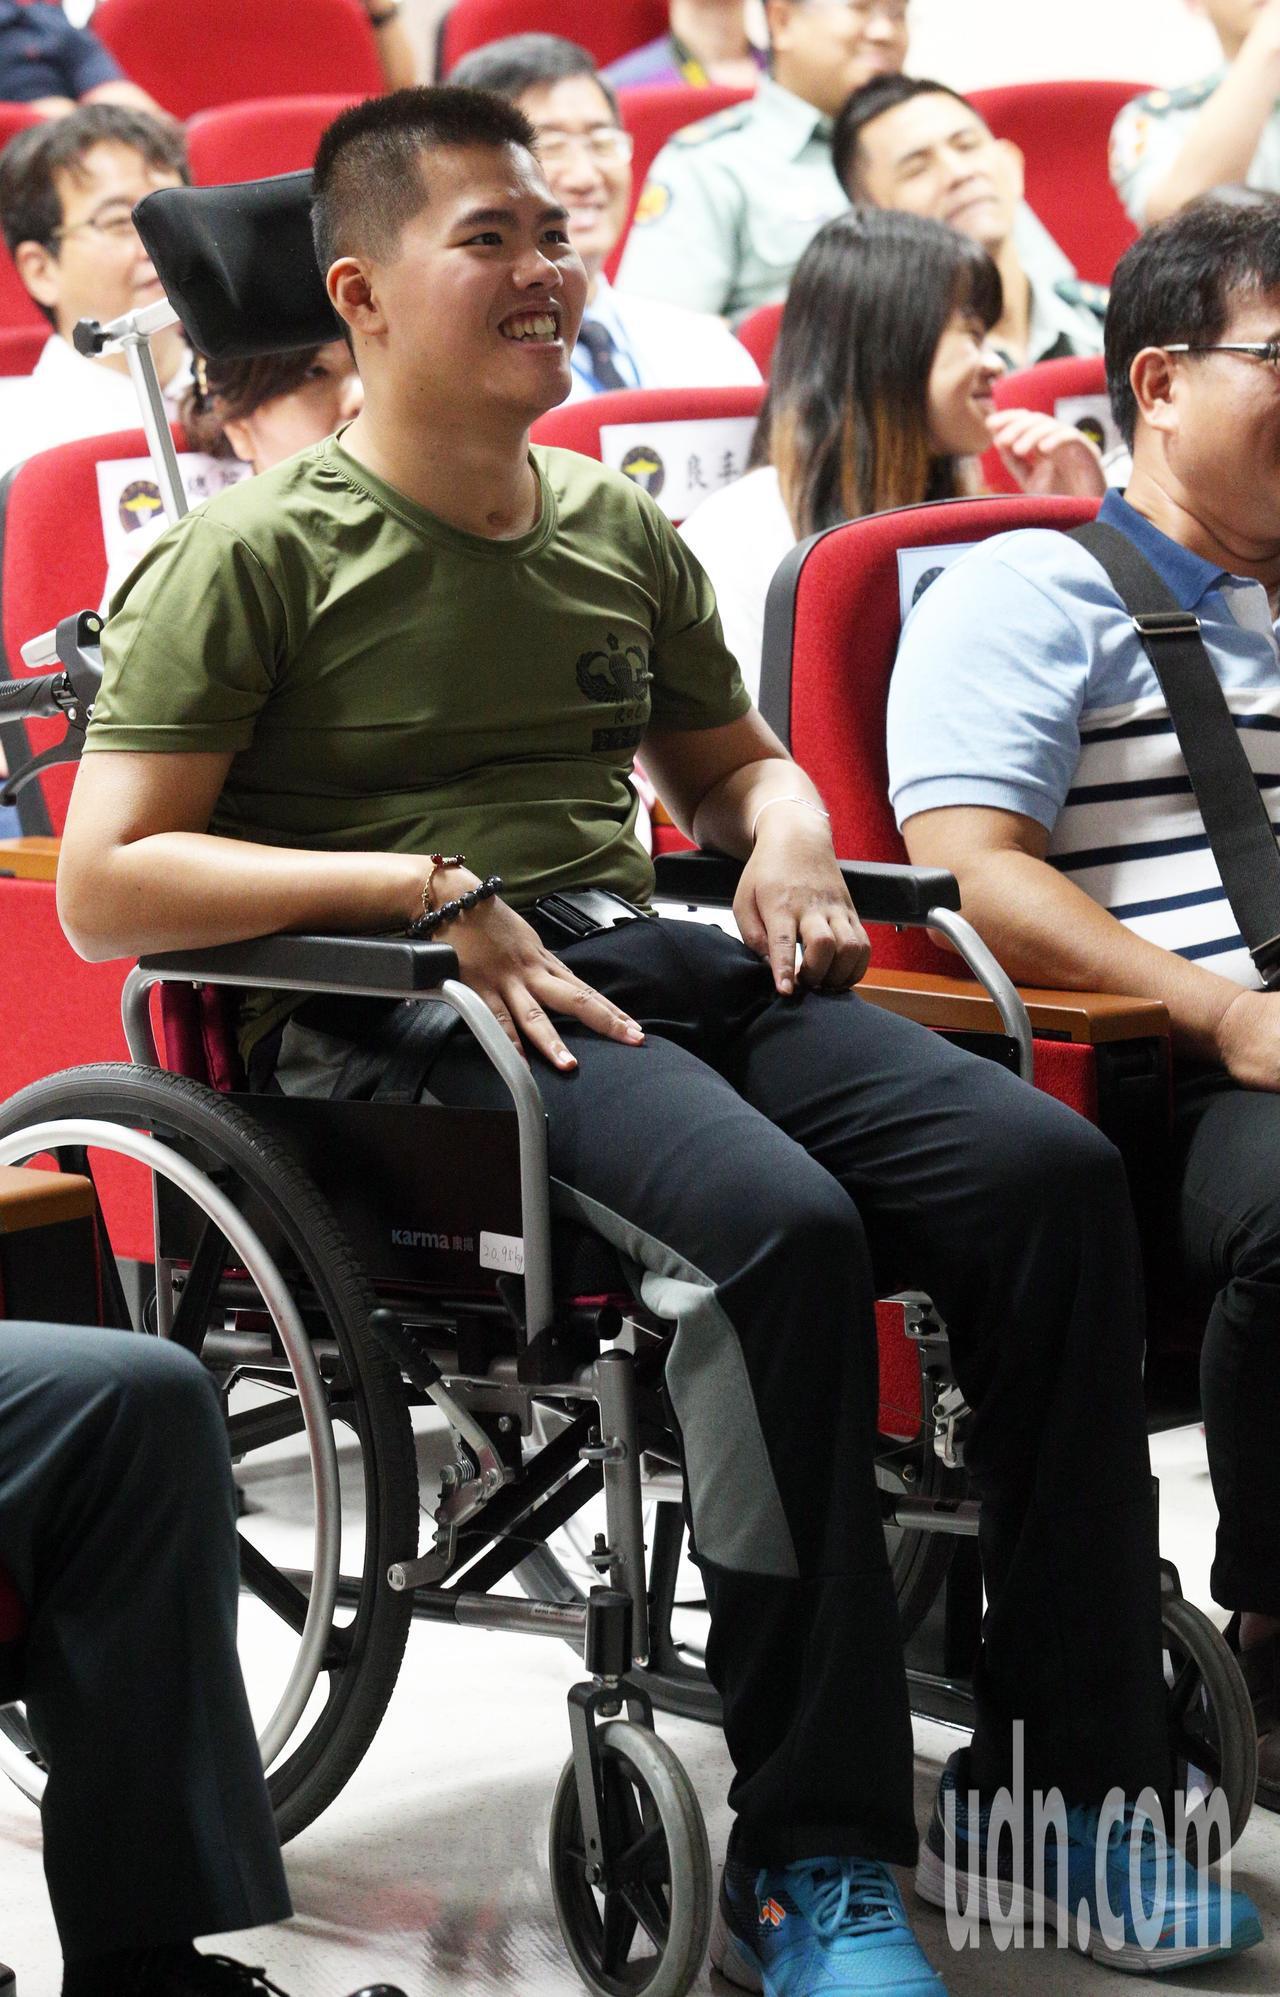 去年漢光演習跳傘從高空墜地受傷的26歲士兵秦良丰,經過治療後恢復情況良好,醫院今...